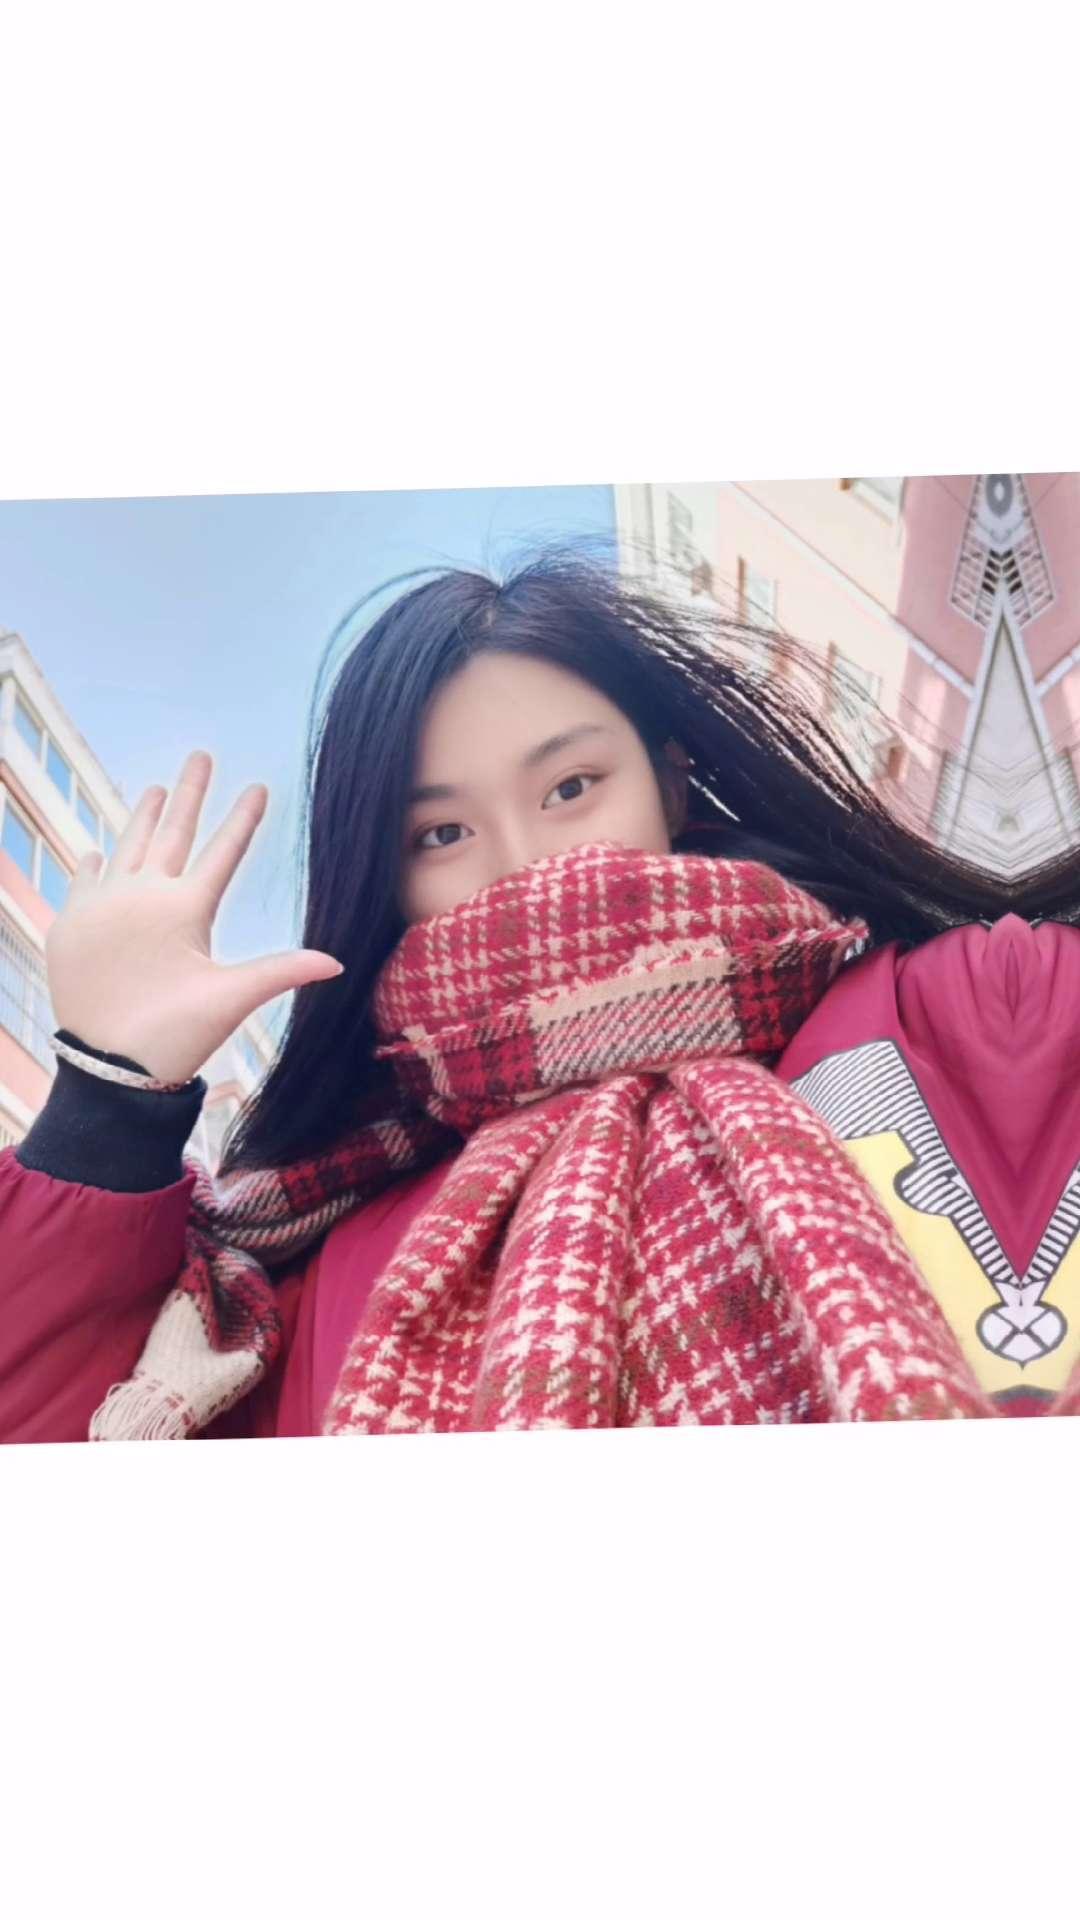 【荣耀30pro】在冬天相遇,随手拍-花粉俱乐部